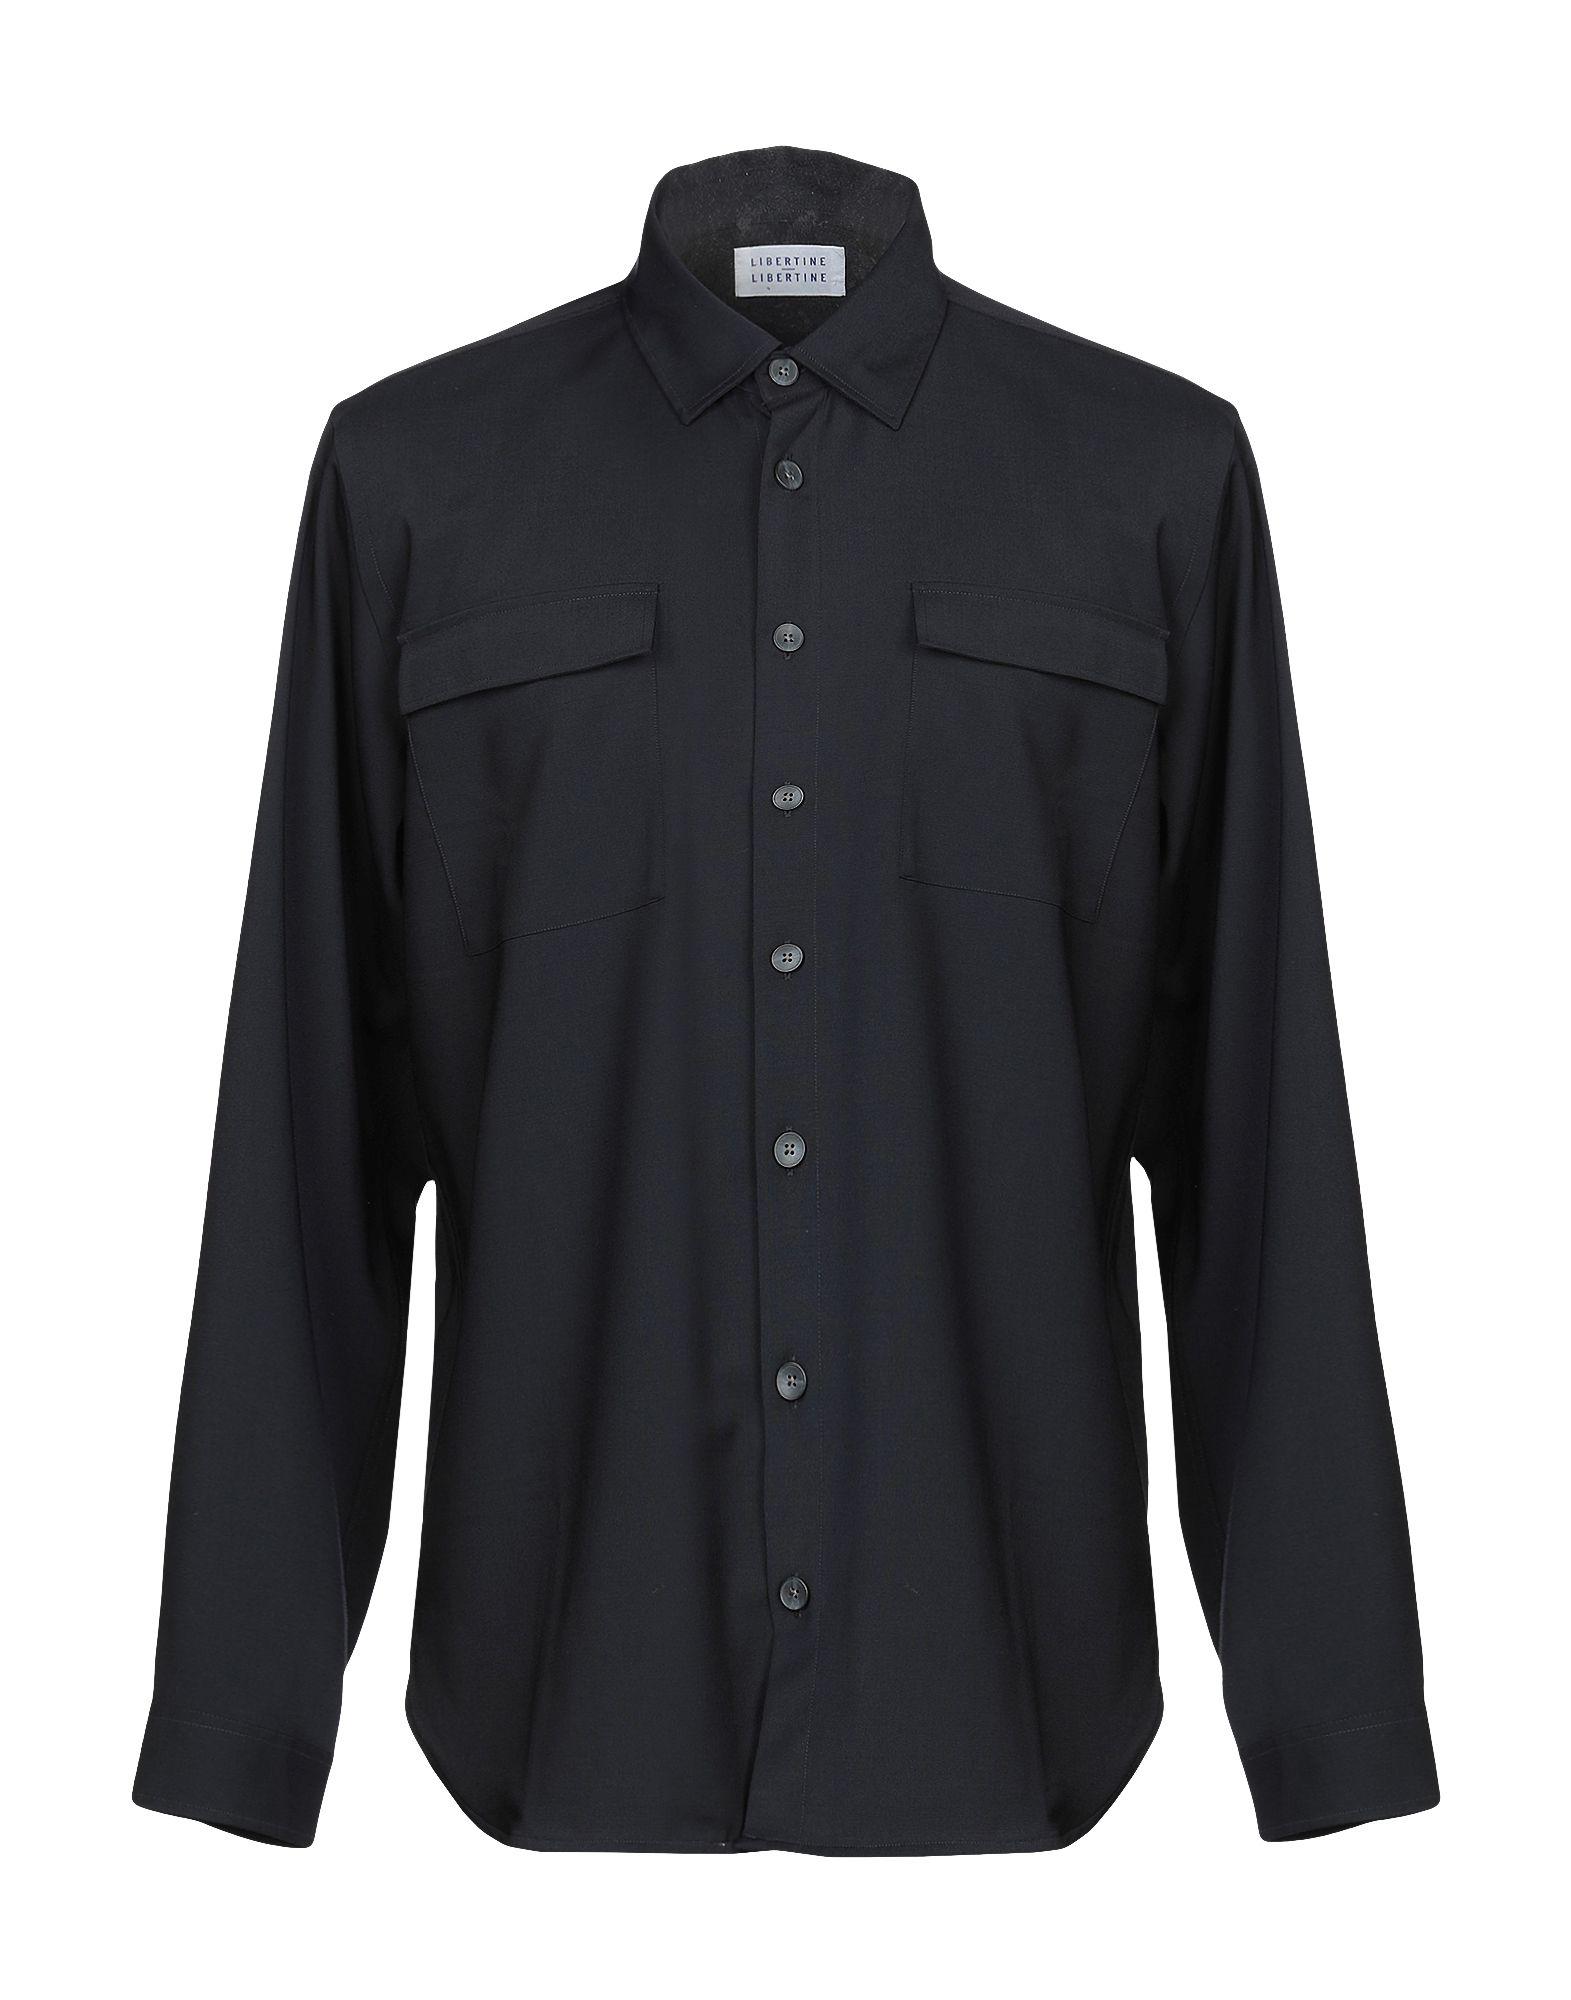 《セール開催中》LIBERTINE-LIBERTINE メンズ シャツ ダークブルー S ポリエステル 54% / ウール 44% / ポリウレタン 2%